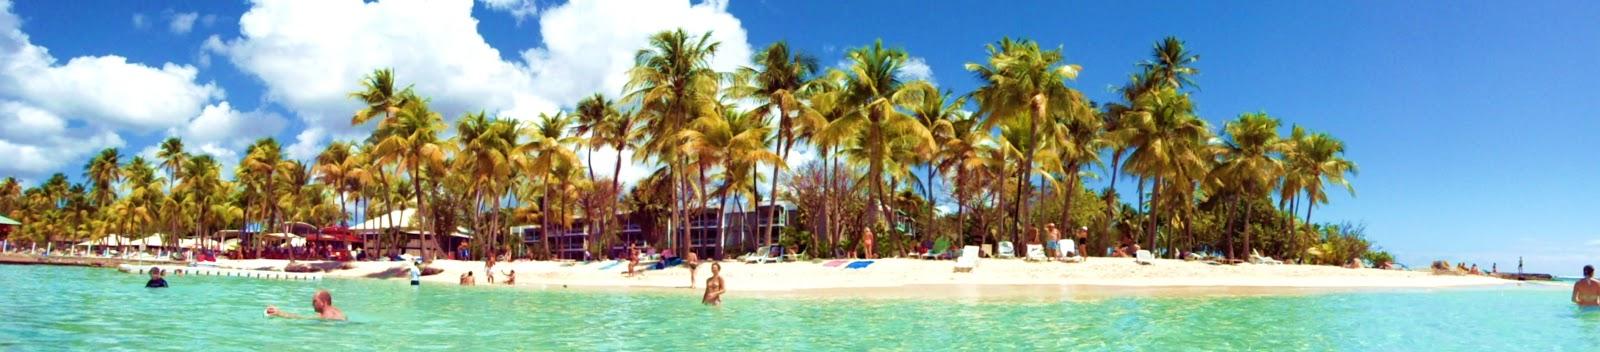 Petits paradis plage de la caravelle guadeloupe - Sainte anne guadeloupe office du tourisme ...